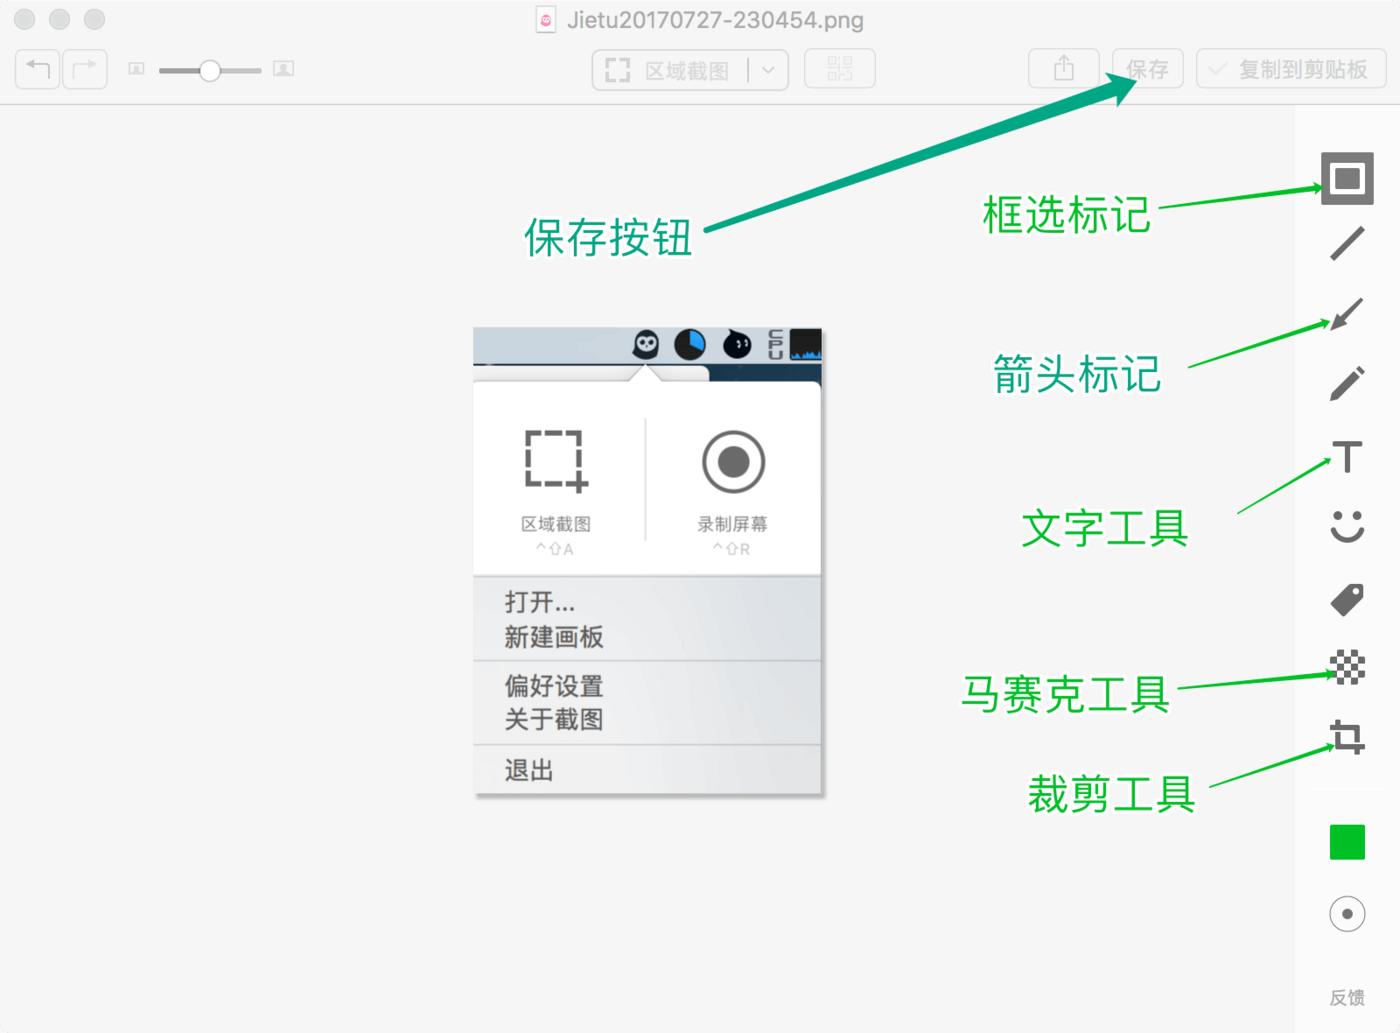 截图(Jietu)编辑器功能使用